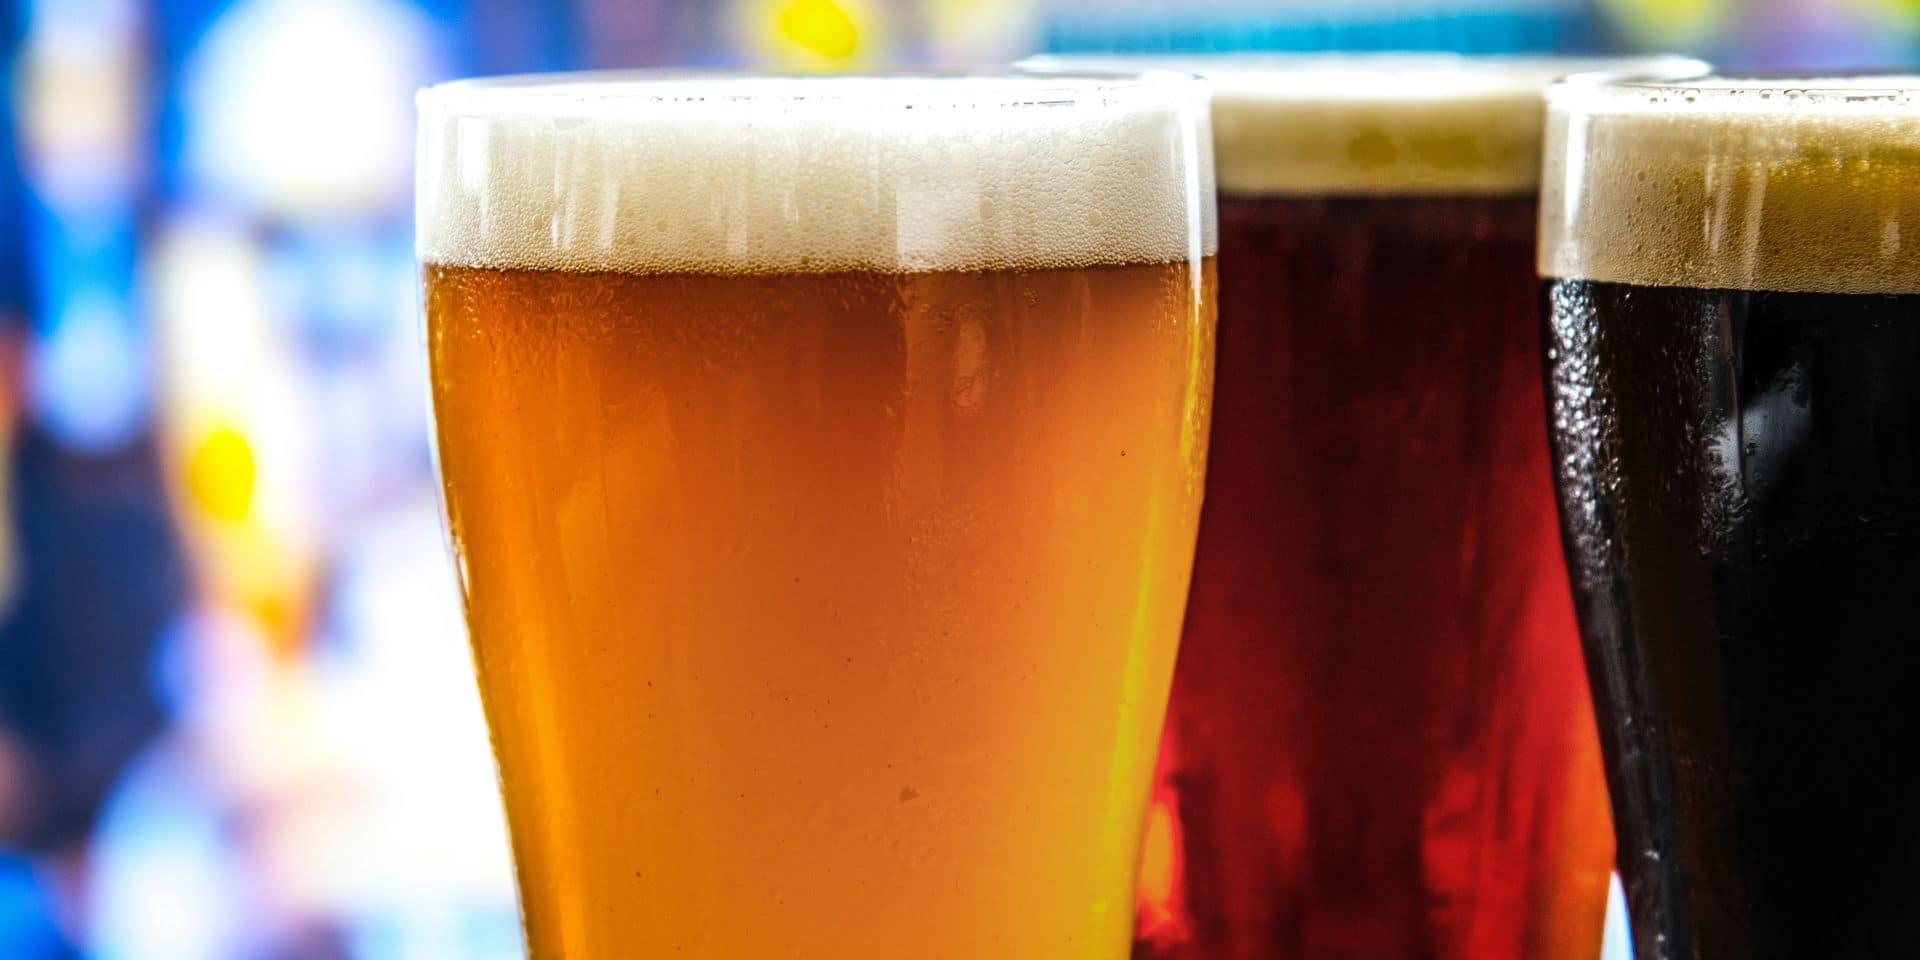 Timmermans et Guinness s'associent pour créer un brassin unique : la Stout&Lambic